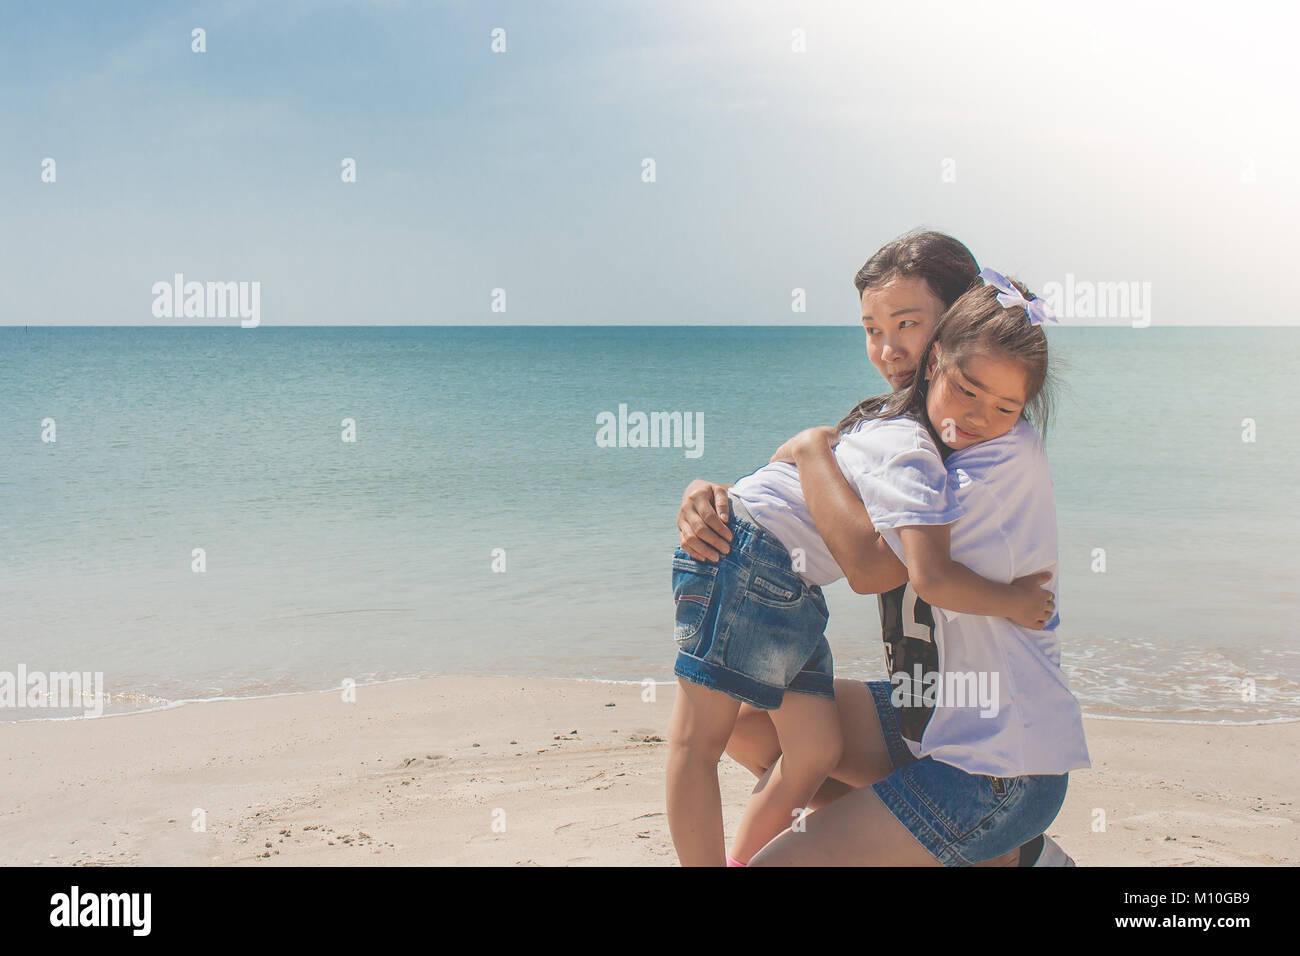 Adorable und Familie Konzept: Frau und Kind umarmen und Gefühl Glück auf Sand Strand mit Blick auf das Meer im Hintergrund. Stockfoto